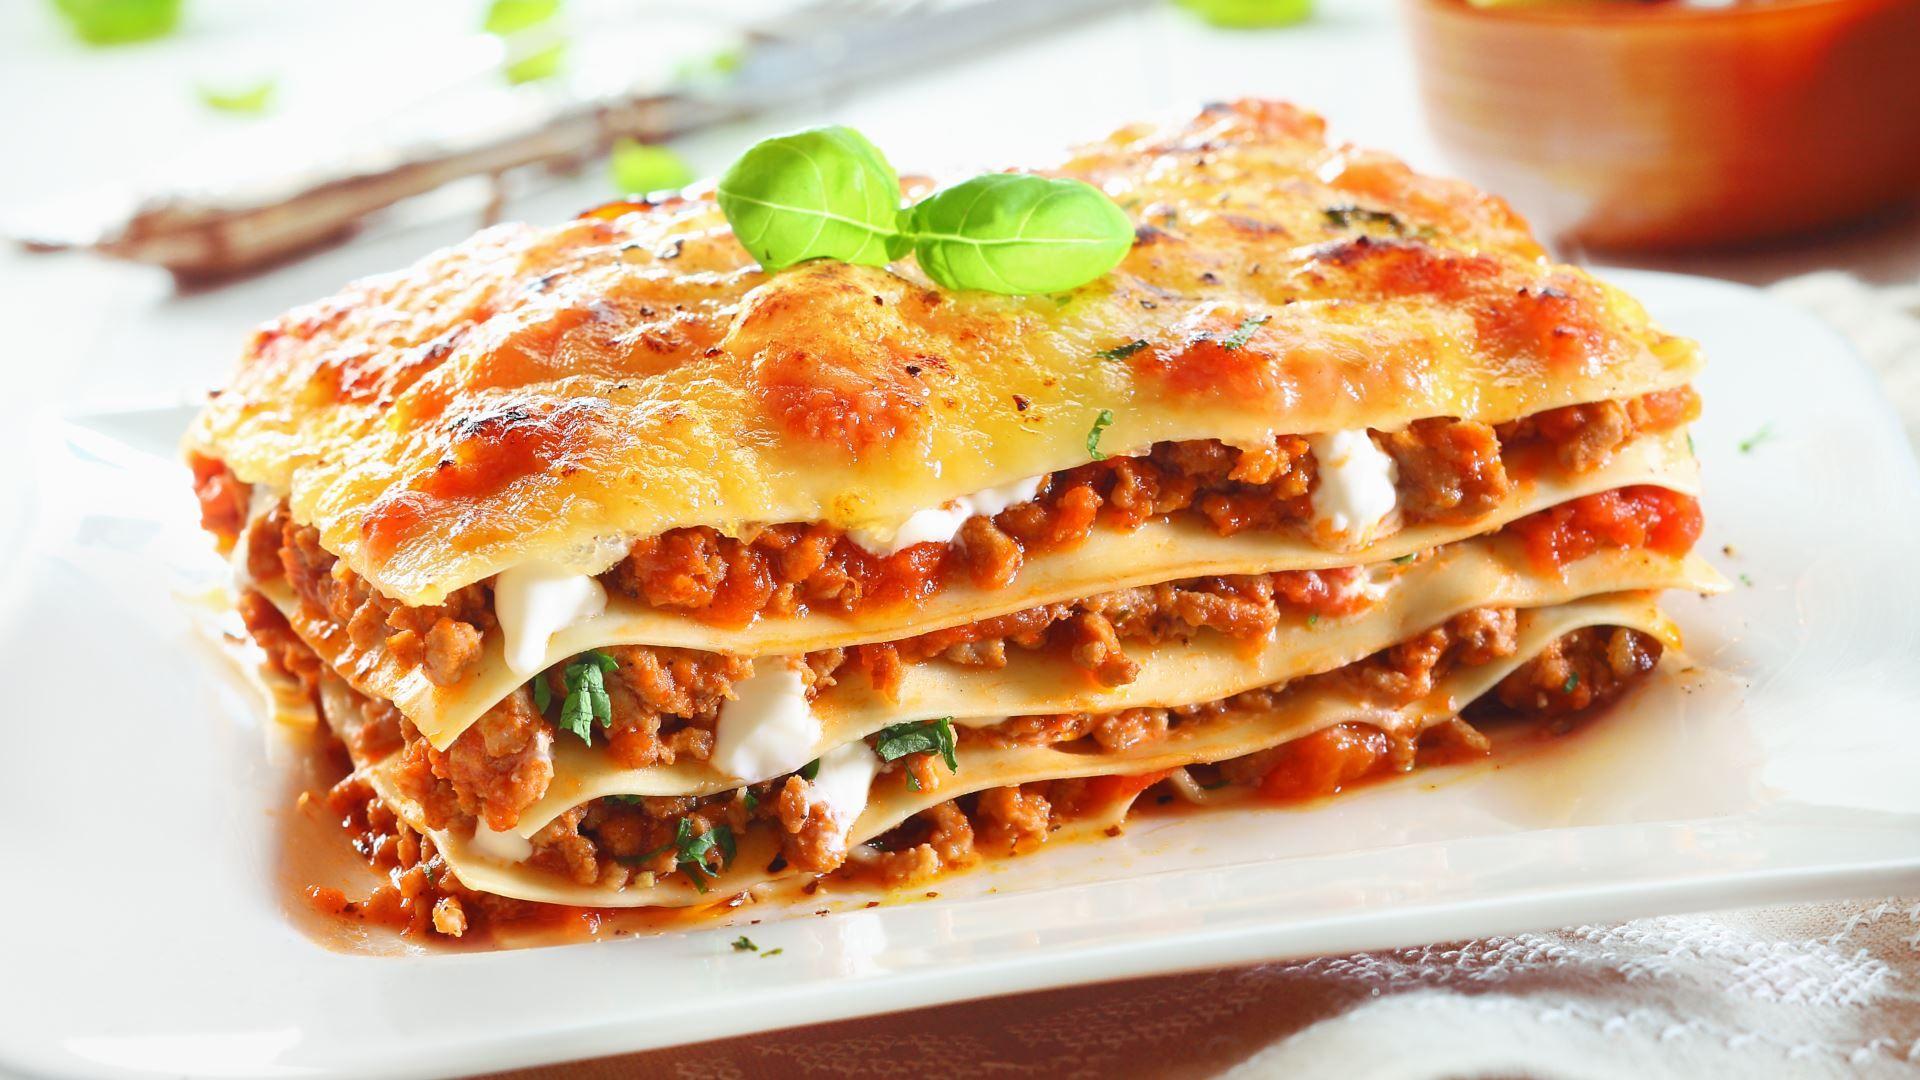 Recetas sin gluten: camarón carbonara y lasaña vegetariana